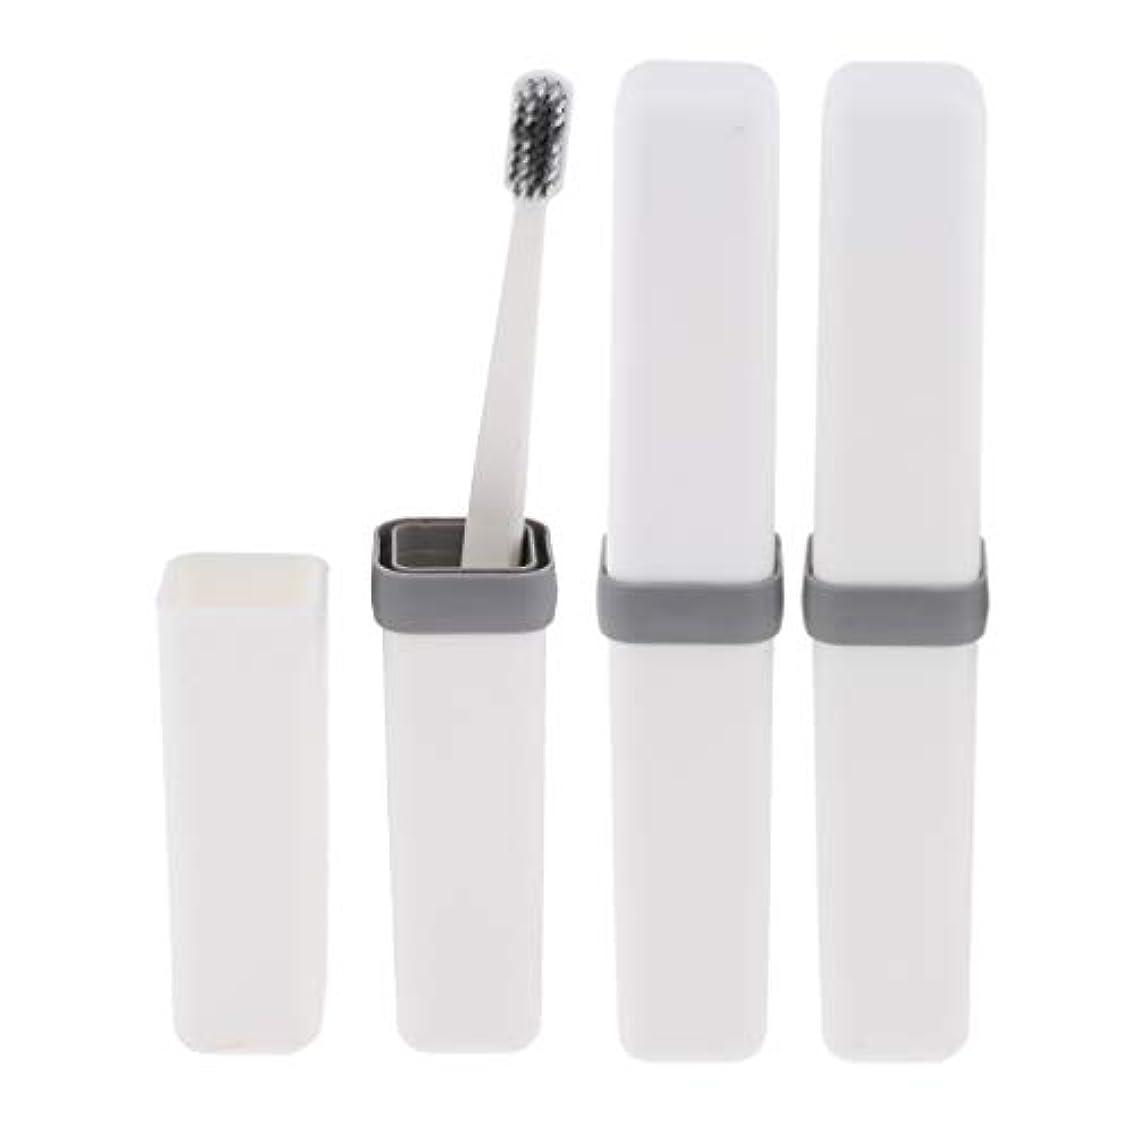 落ち着かないぬいぐるみオプション歯ブラシ 歯磨き 歯清潔 収納ボックス付 旅行 キャンプ 学校 軽量 携帯 実用的 3個 全4色 - 白